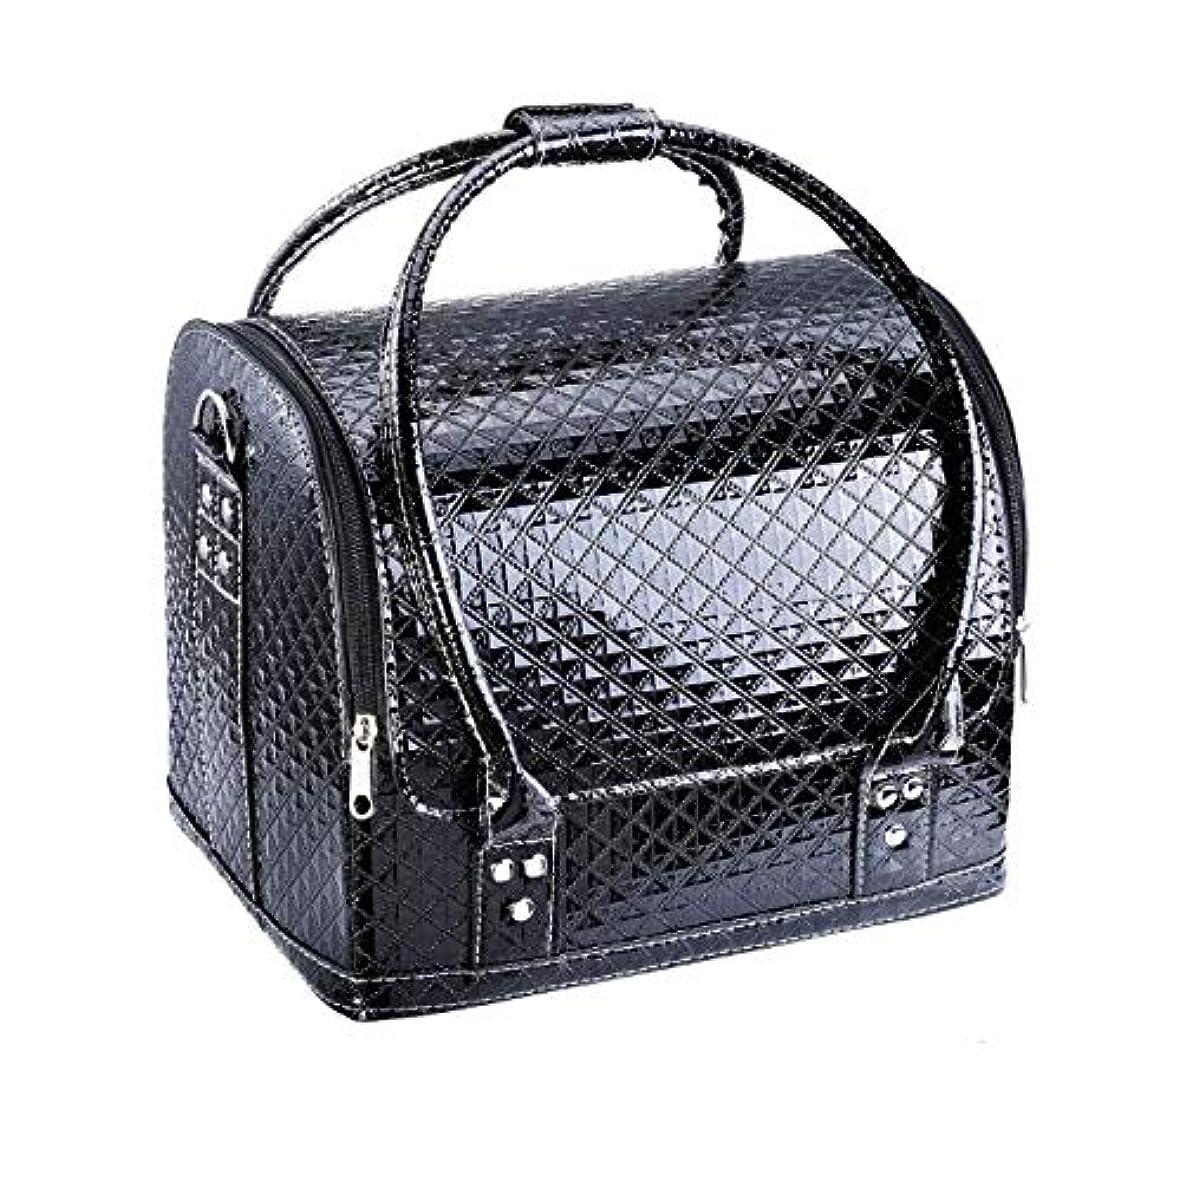 慈善カタログ台風化粧箱、大容量ダブルオープンポータブル化粧品ケース、ポータブルダイヤモンドパターン旅行化粧品バッグ、美容ネイルジュエリー収納ボックス